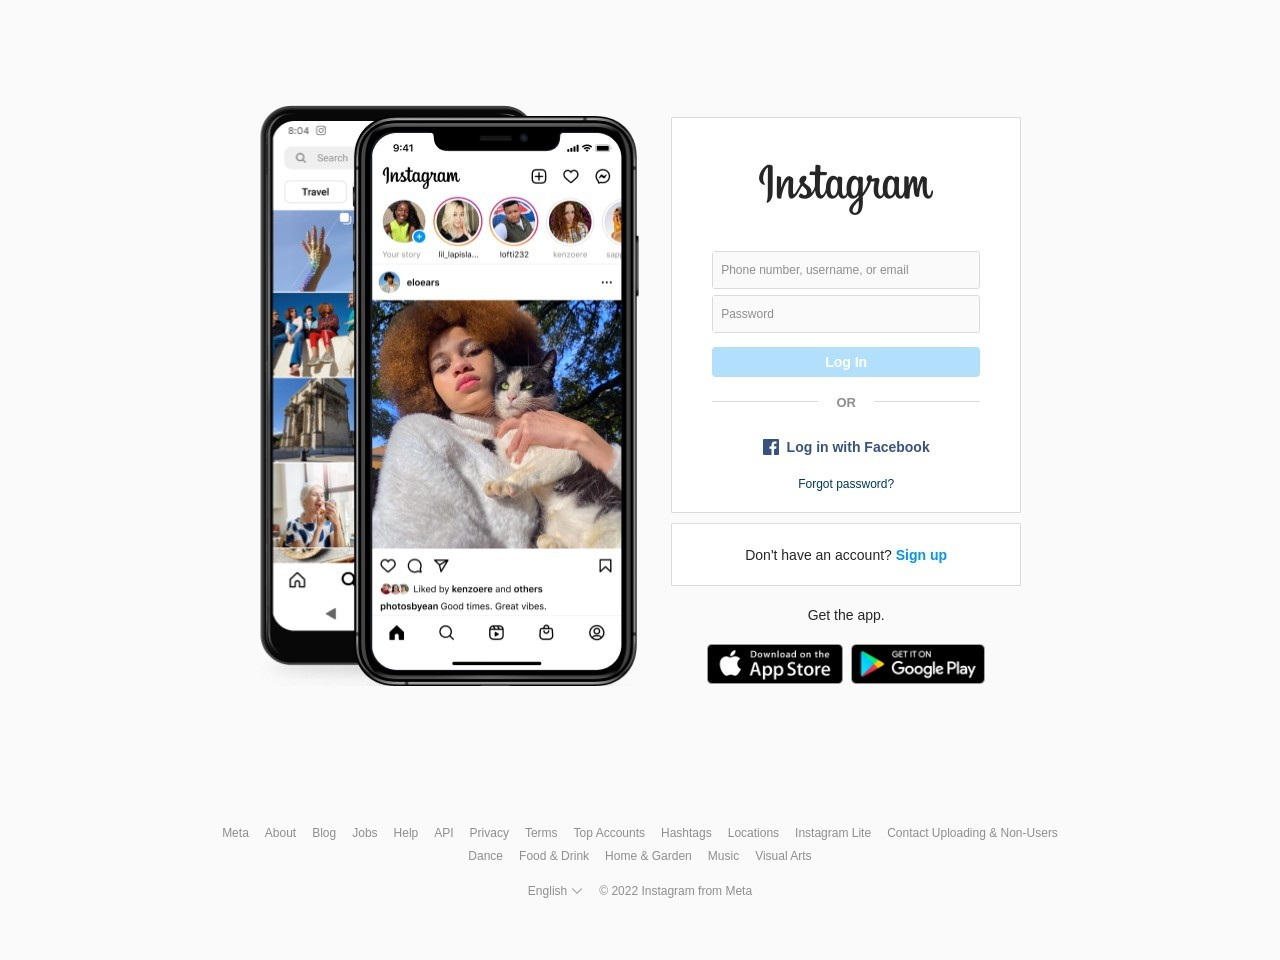 ZAQ (シンガーソングライター)のインスタグラム(Instagram)